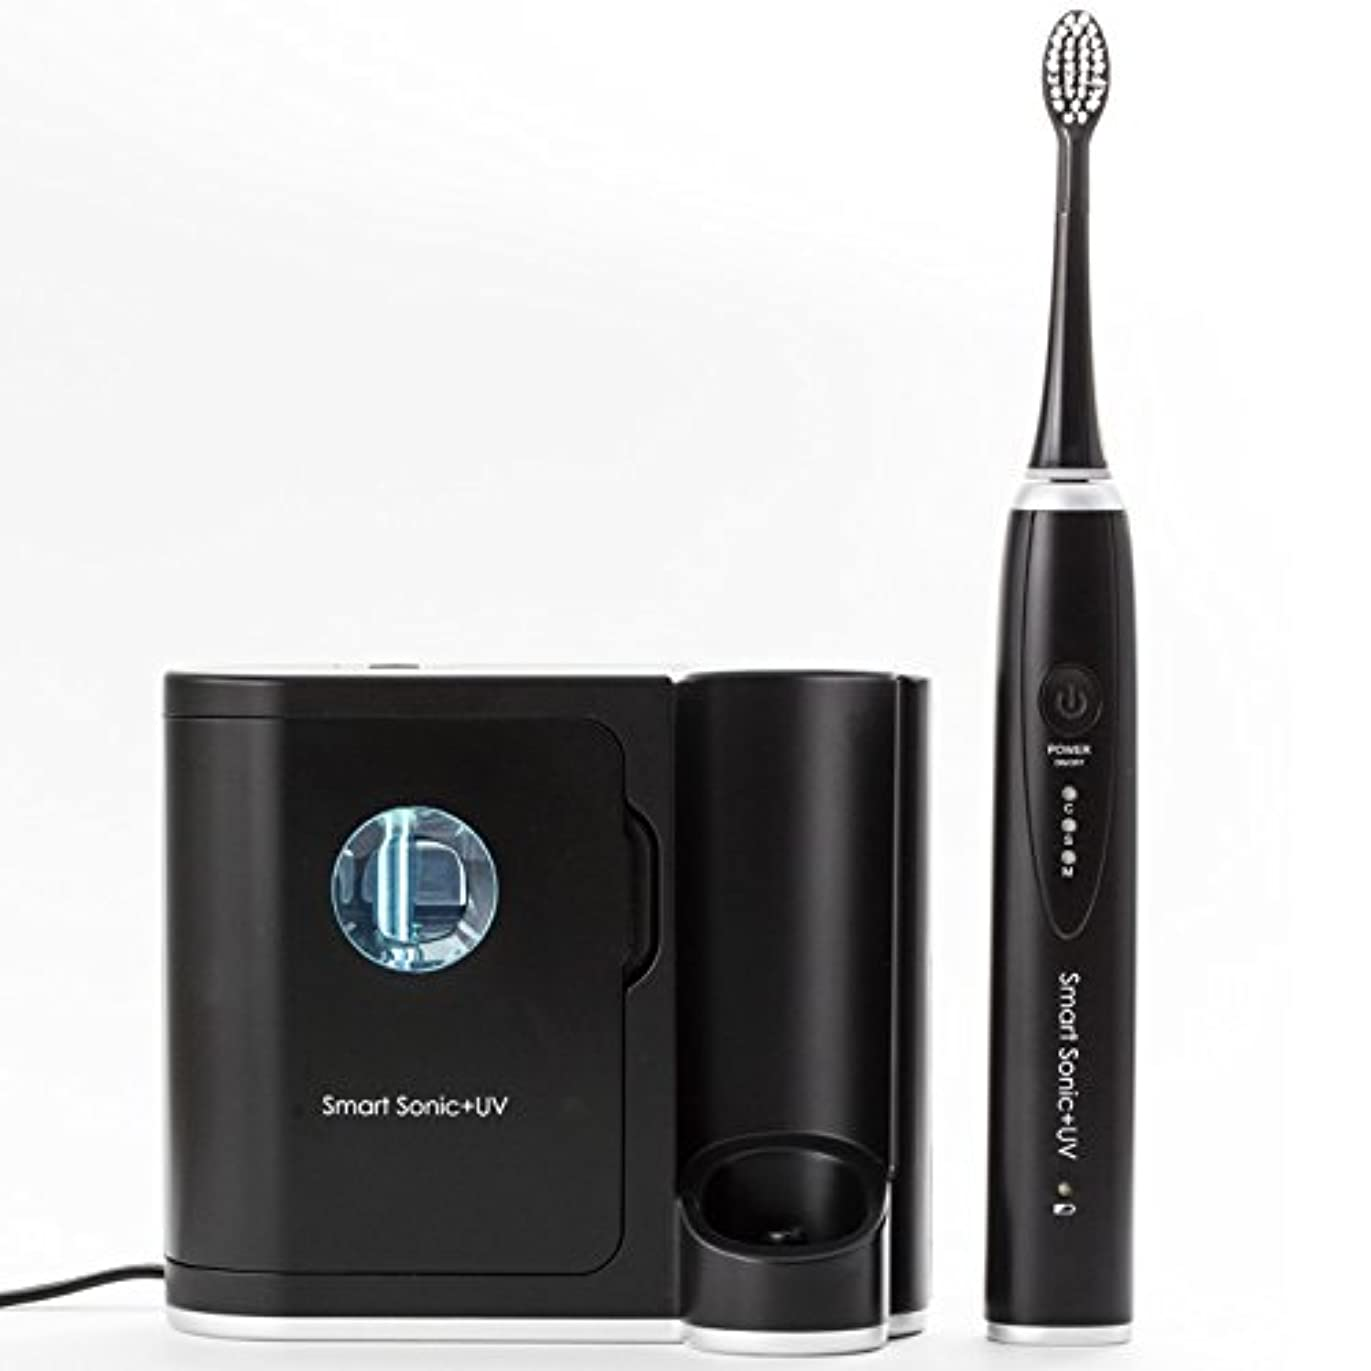 移動からに変化する分布音波歯ブラシ UV 紫外線除菌 歯ブラシ 殺菌機能付き 電動歯ブラシ スマートソニック プラス UV Smart Sonic UV